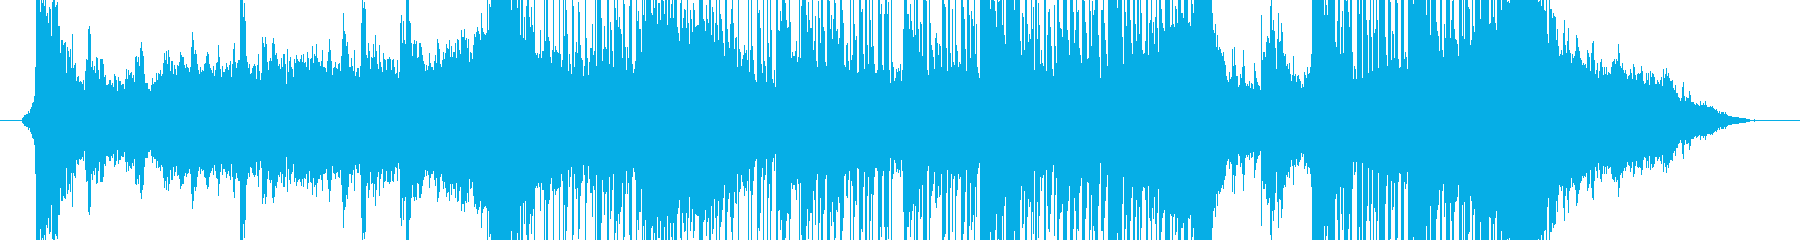 SF的な大きな物体の登場音楽の再生済みの波形